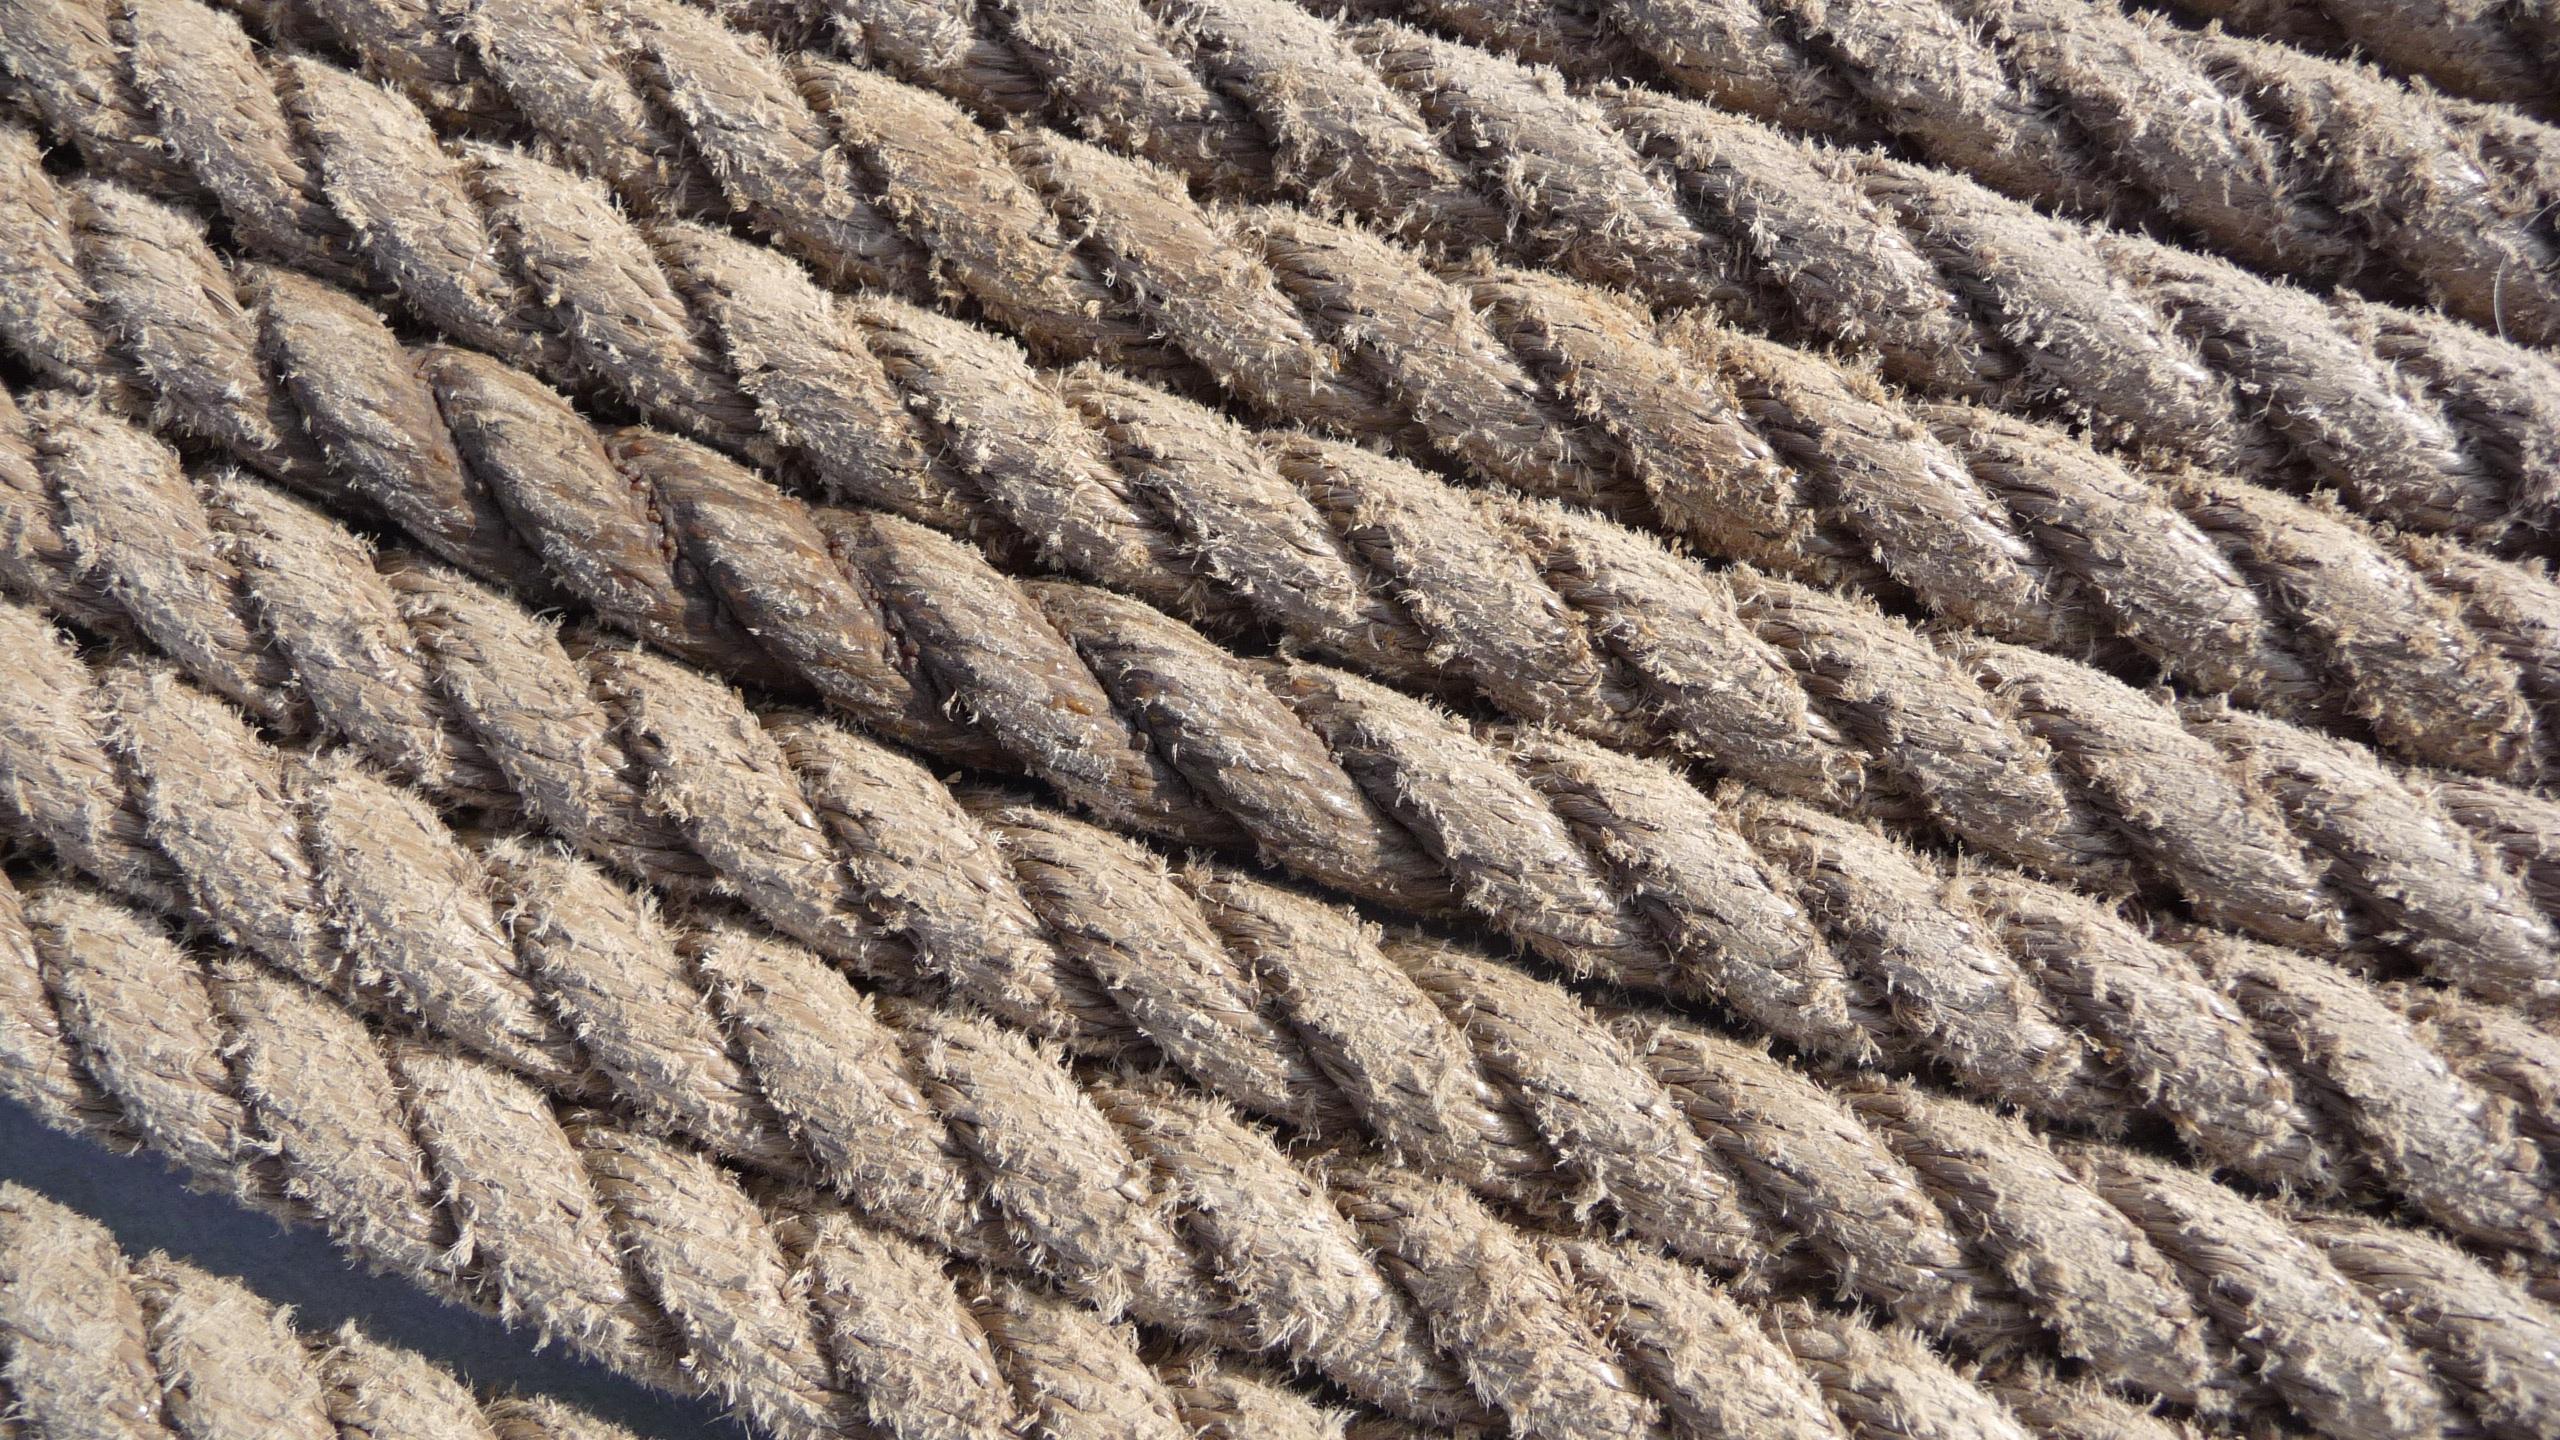 Immagini Belle : corda, avvio, linea, porta, Materiale, filo ...